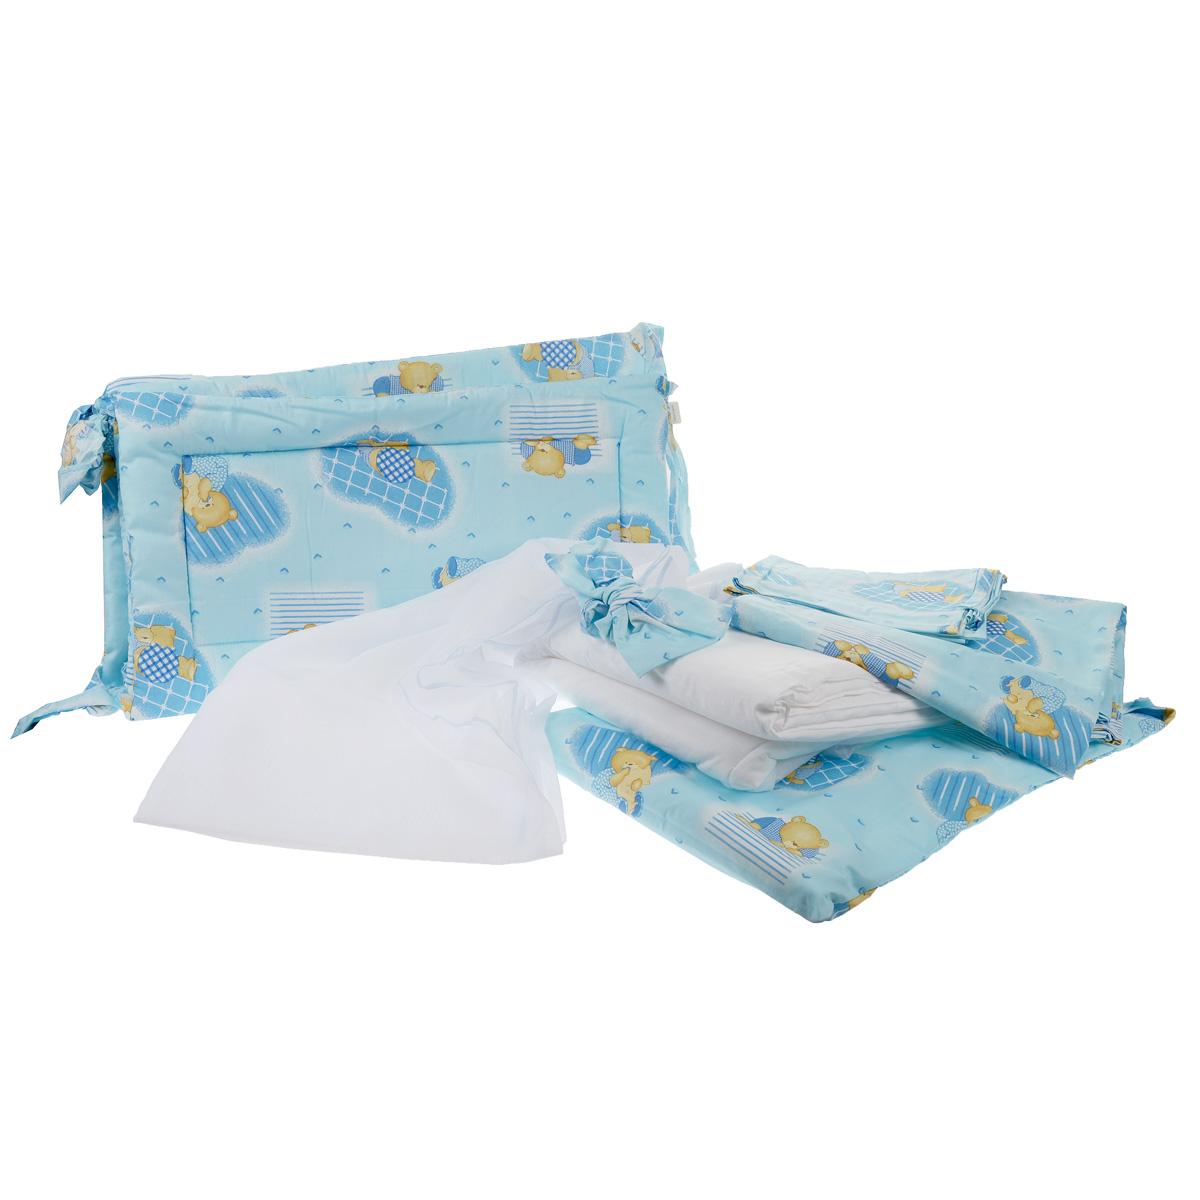 Комплект в кроватку Фея Мишки, цвет: голубой, 7 предметов5558-1Комплект в кроватку Фея Мишки прекрасно подойдет для кроватки вашего малыша, добавит комнате уюта и согреет в прохладные дни. В качестве материала верха использован натуральный 100% хлопок. Мягкая ткань не раздражает чувствительную и нежную кожу ребенка и хорошо вентилируется.Бортик, подушка и одеяло наполнены холлотеком, нетканым материалом, который производится из полых сильно извитых волокон. За счет этого материал приобретает объем, упругость, и особенную мягкость. Балдахин выполнен из легкой прозрачной вуали. Очень важно, чтобы ваш малыш хорошо спал - это залог его здоровья, а значит вашего спокойствия. Комплект Фея Мишки идеально подойдет для кроватки вашего малыша. На нем ваш кроха будет спать здоровым и крепким сном.Комплектация:- бортик (2 х 35 см х 60 см, 2 х 35 см х 120 см); - балдахин (150 см х 300 см);- плоская подушка (40 см х 60 см);- одеяло (110 см х 140 см);- пододеяльник (110 см х 140 см);- наволочка (40 см х 60 см);- простыня (100 см х 160 см).